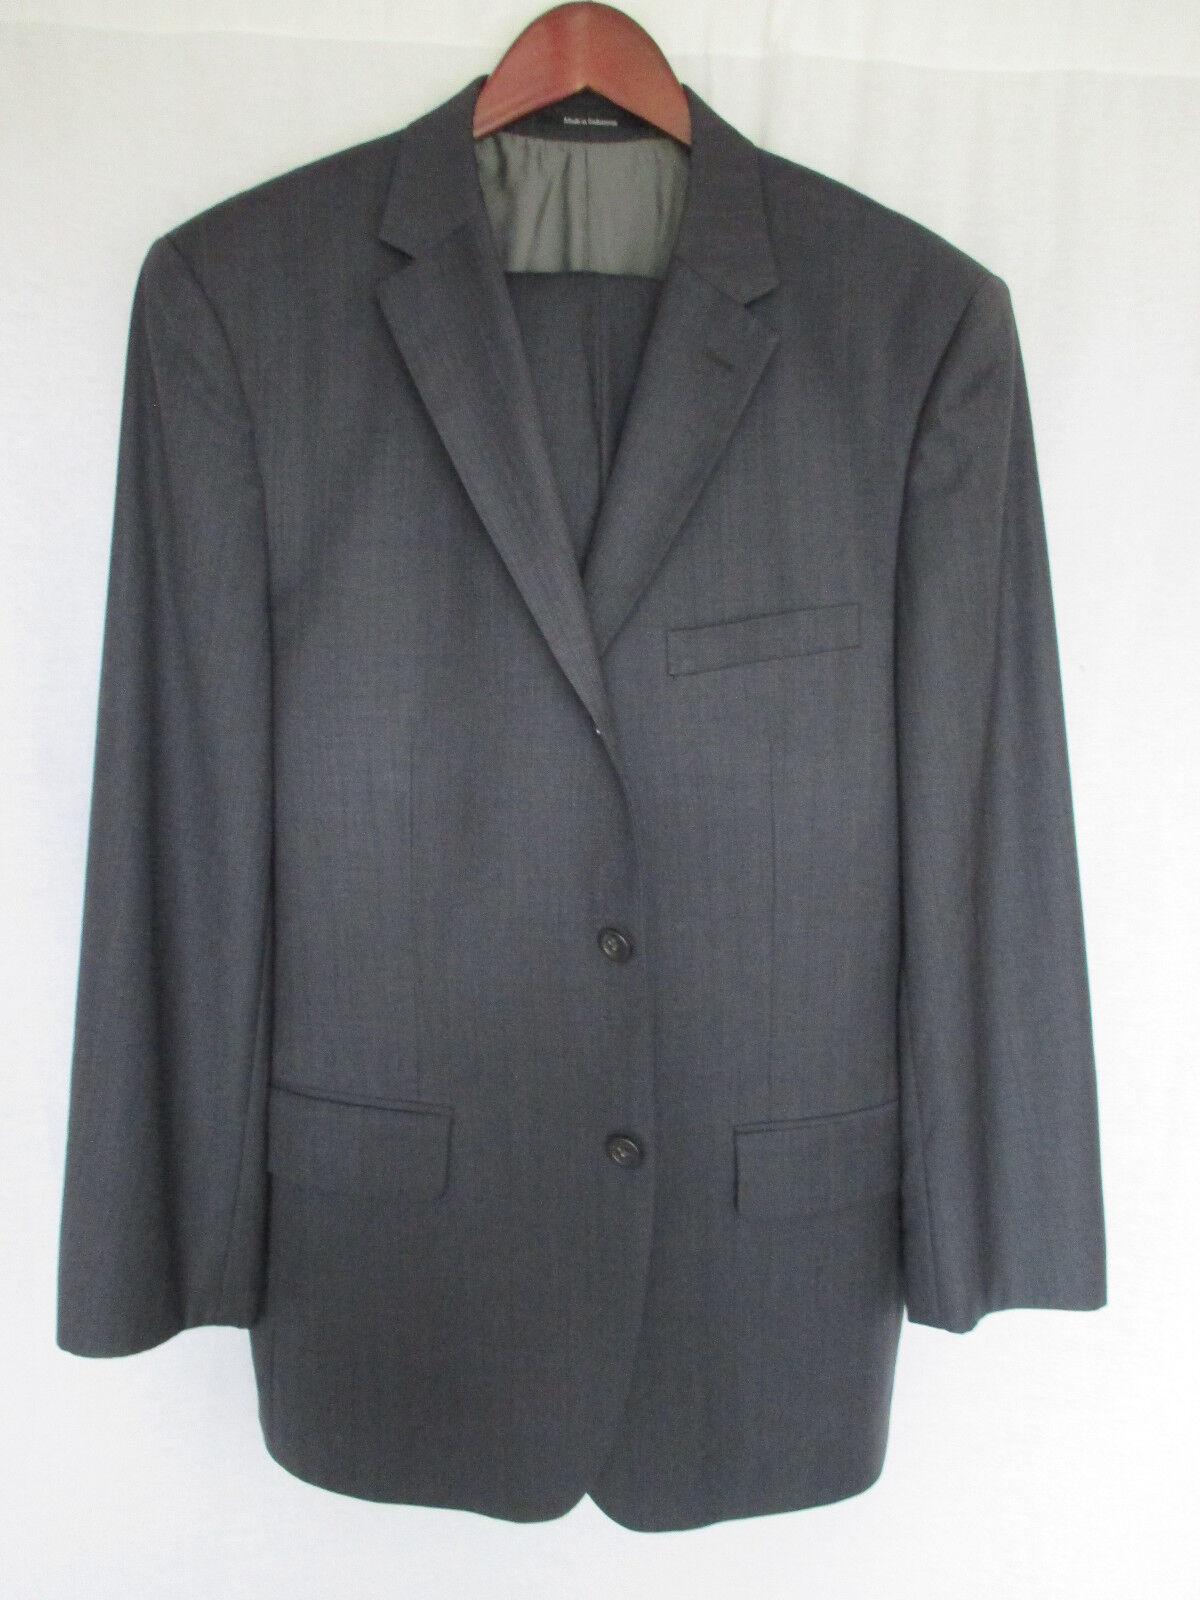 Pronto  Herren grau Hidden Pinstripe  Herren Suit 38/39R 34x28 Double Vented 100% Wool